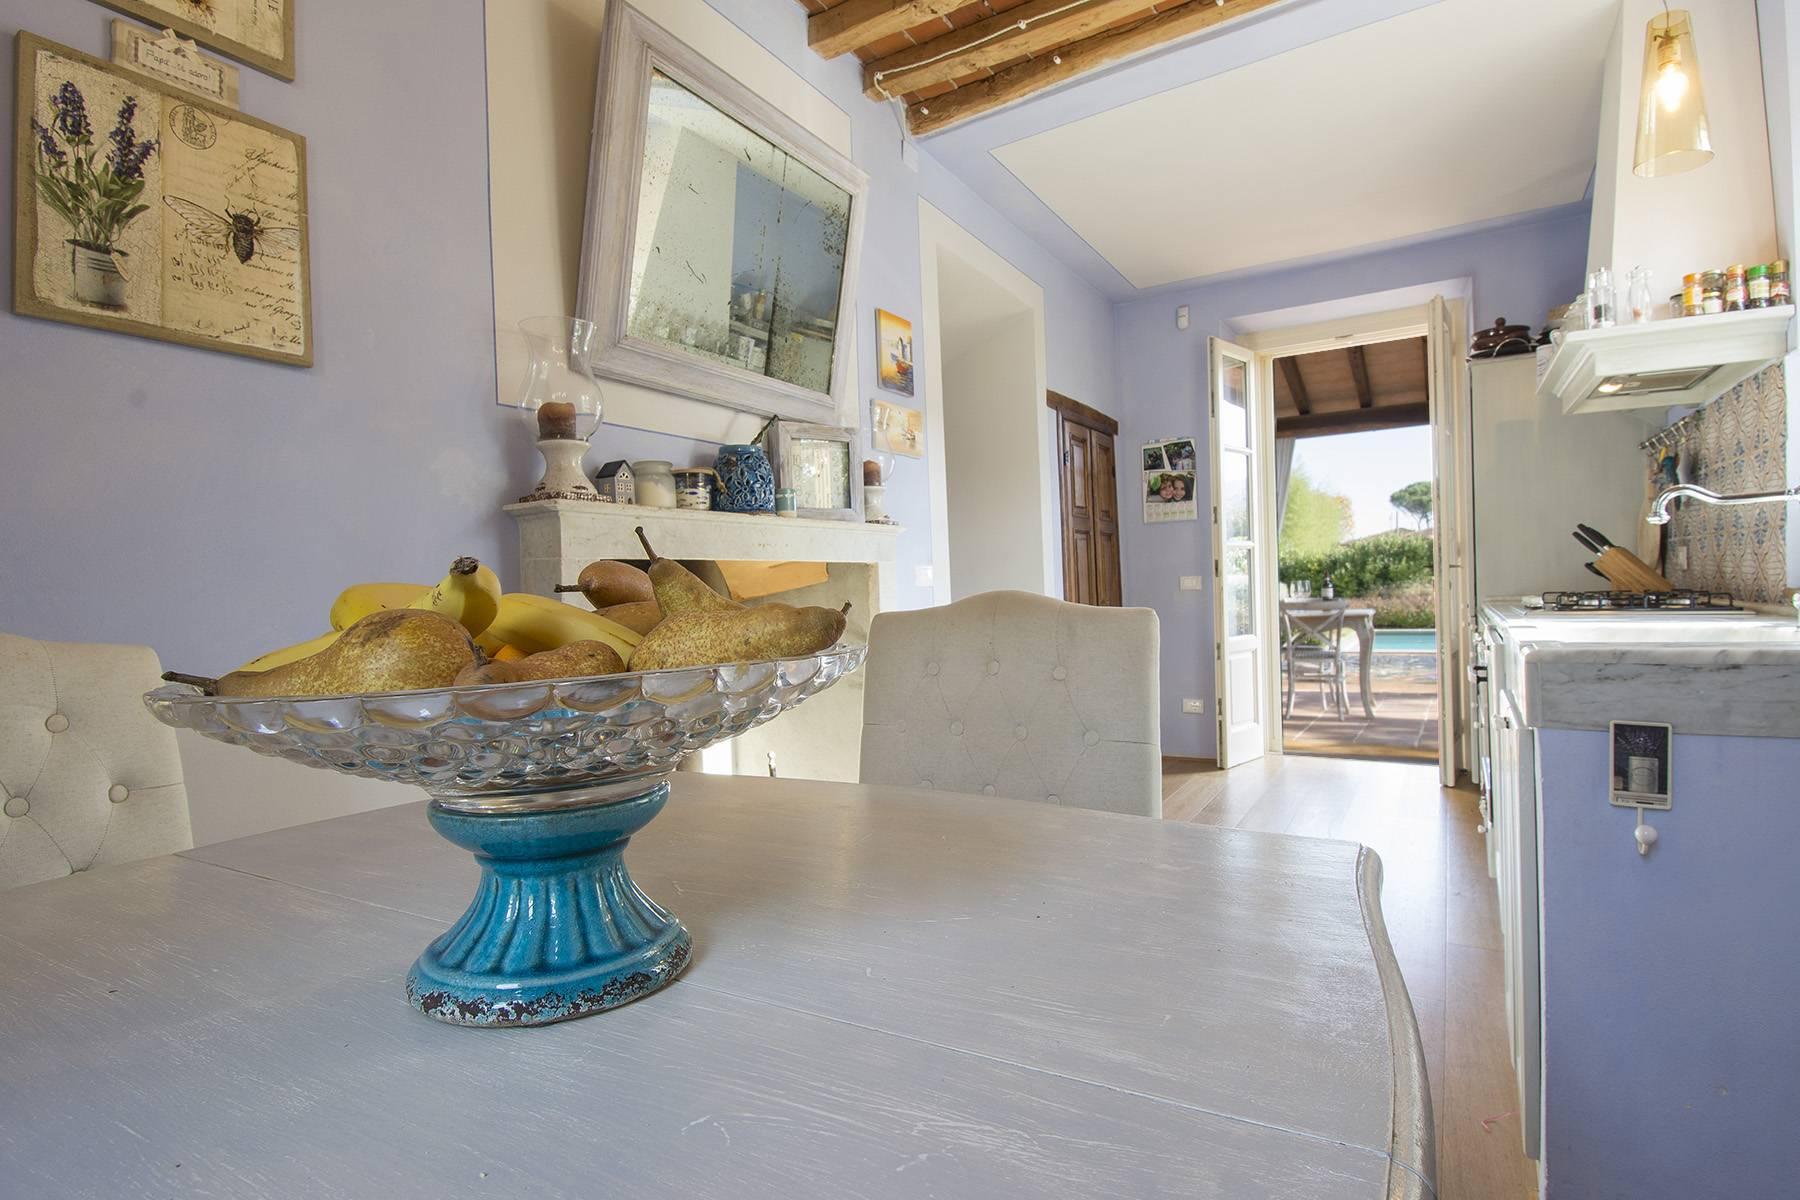 Casa indipendente in Vendita a Lucca: 5 locali, 130 mq - Foto 7